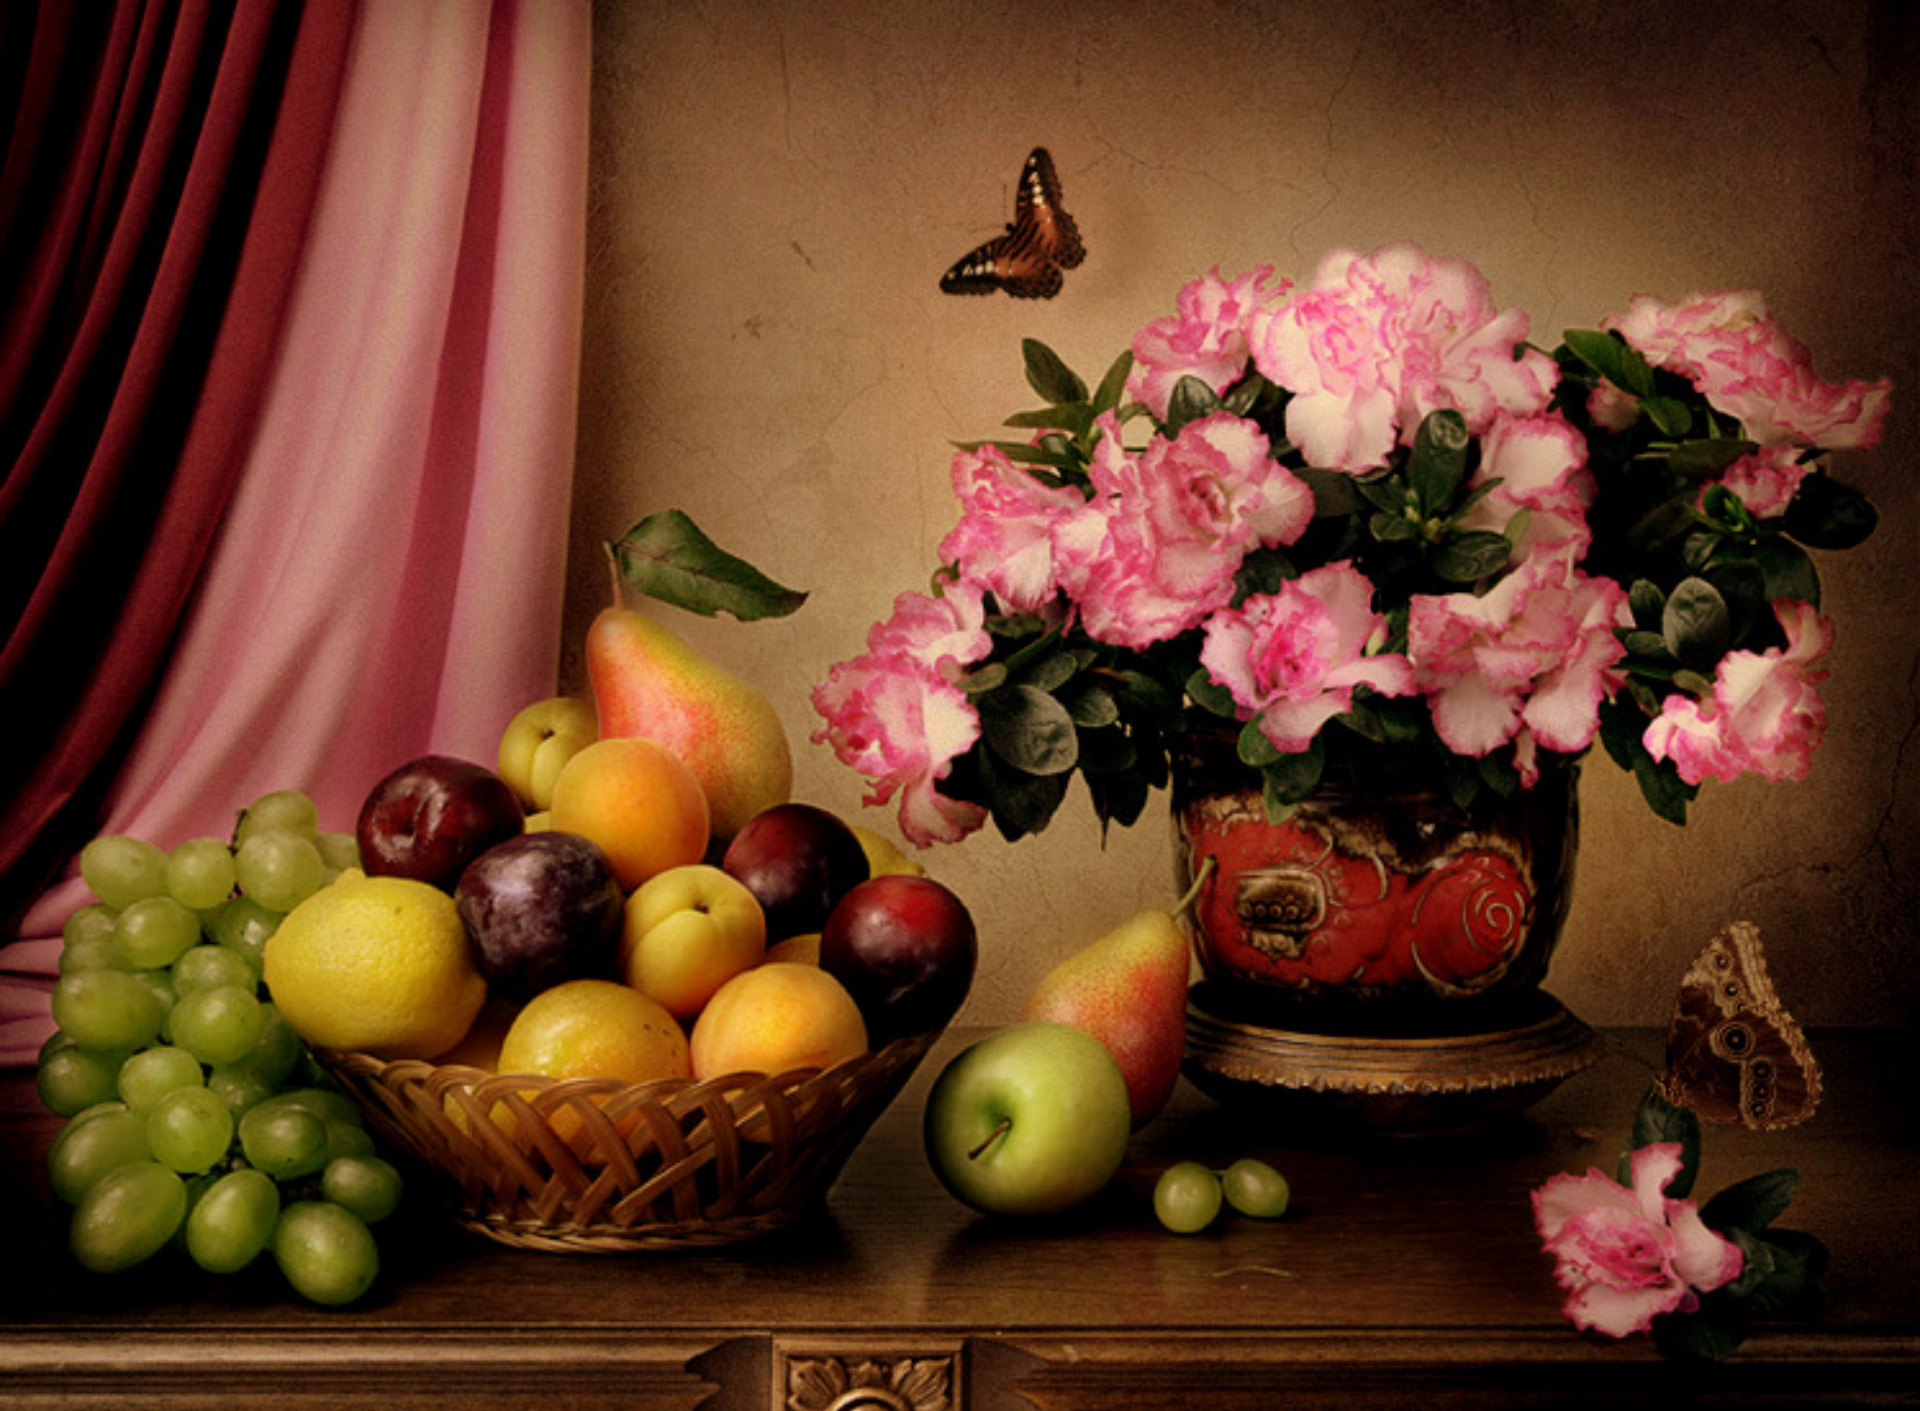 desktop hd framed tiger images desktop hd apple fruits wallpaper 1920x1411